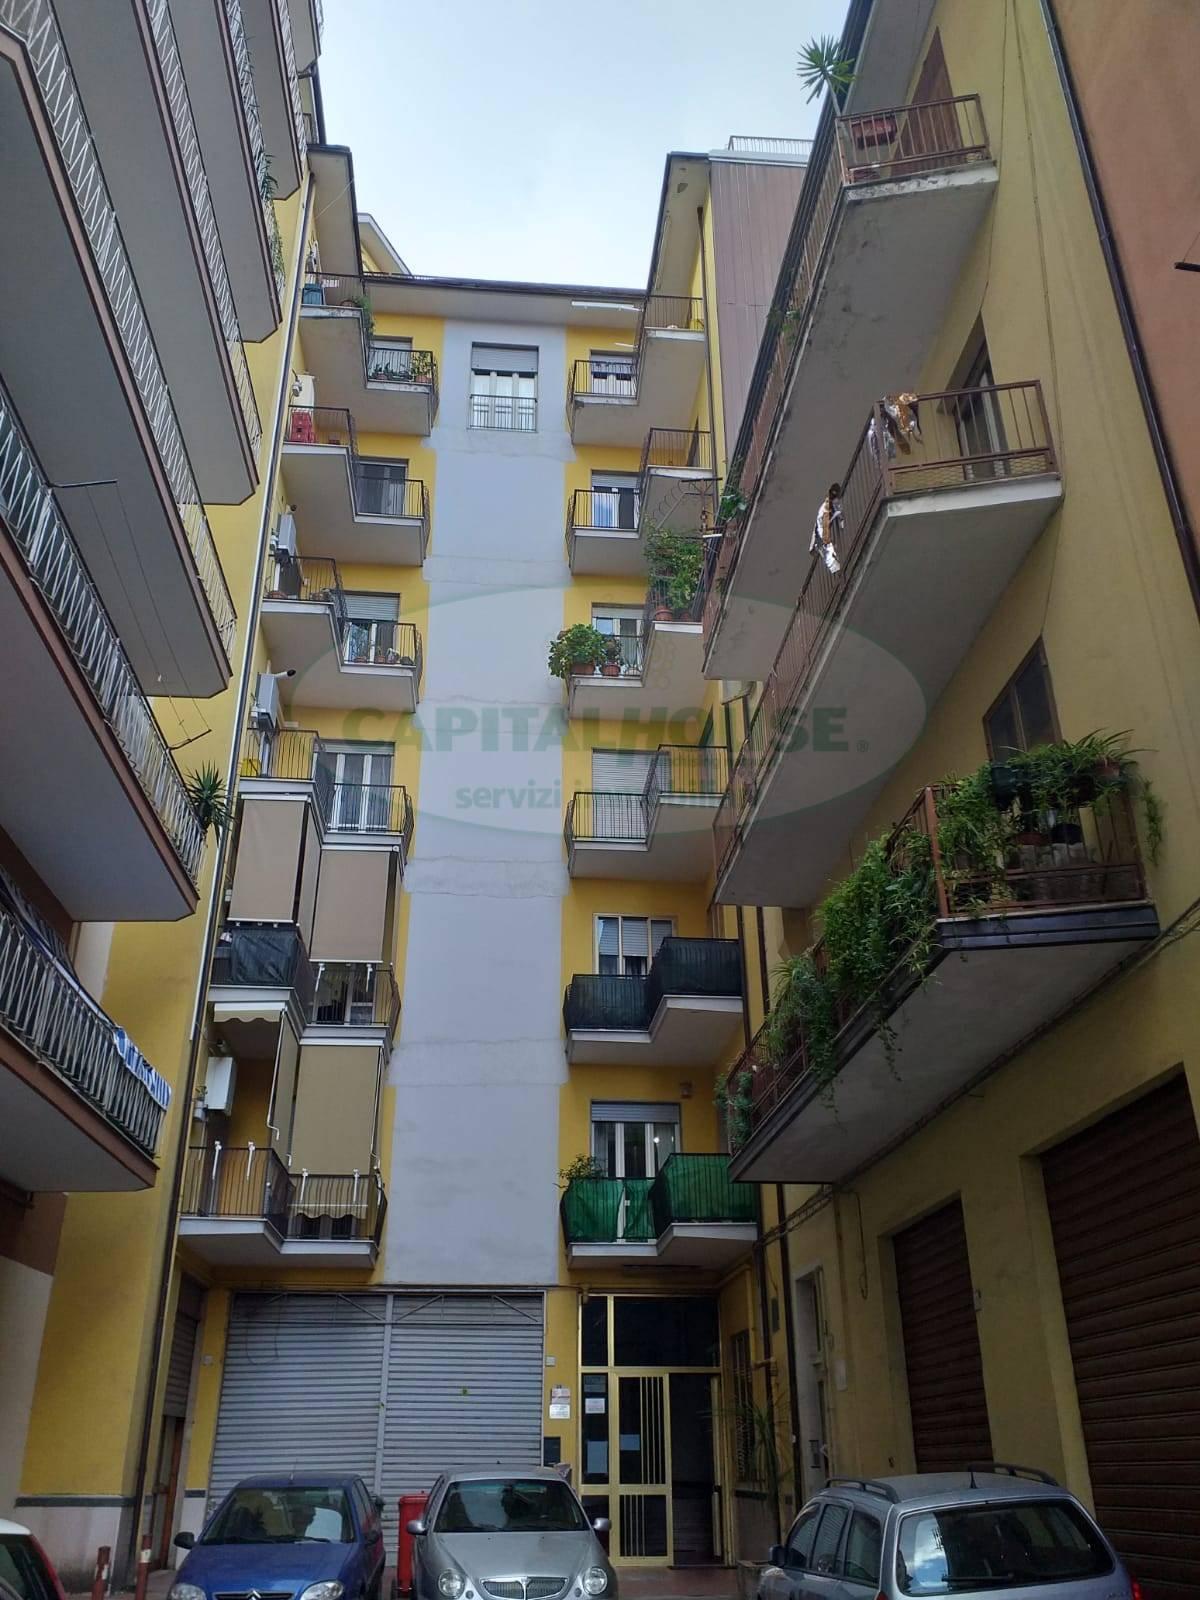 Appartamento in vendita a Avellino, 3 locali, zona Zona: Centro, prezzo € 110.000 | CambioCasa.it